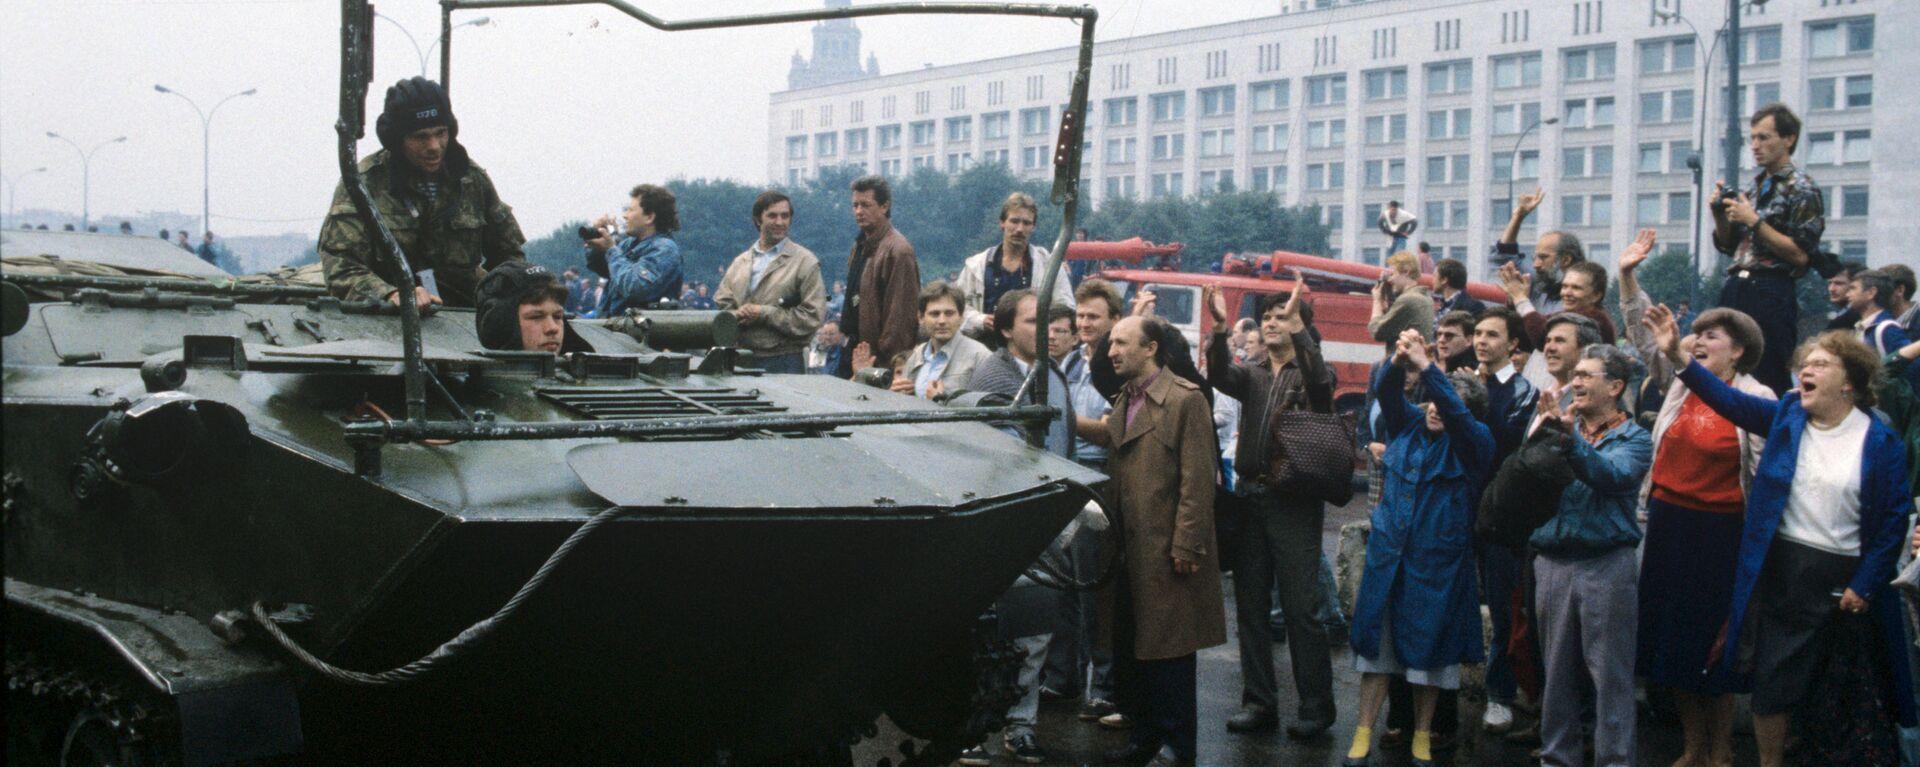 Воинские подразделения, перешедшие на сторону российского парламента, перед зданием Верховного Совета РСФСР. - Sputnik Արմենիա, 1920, 20.08.2021